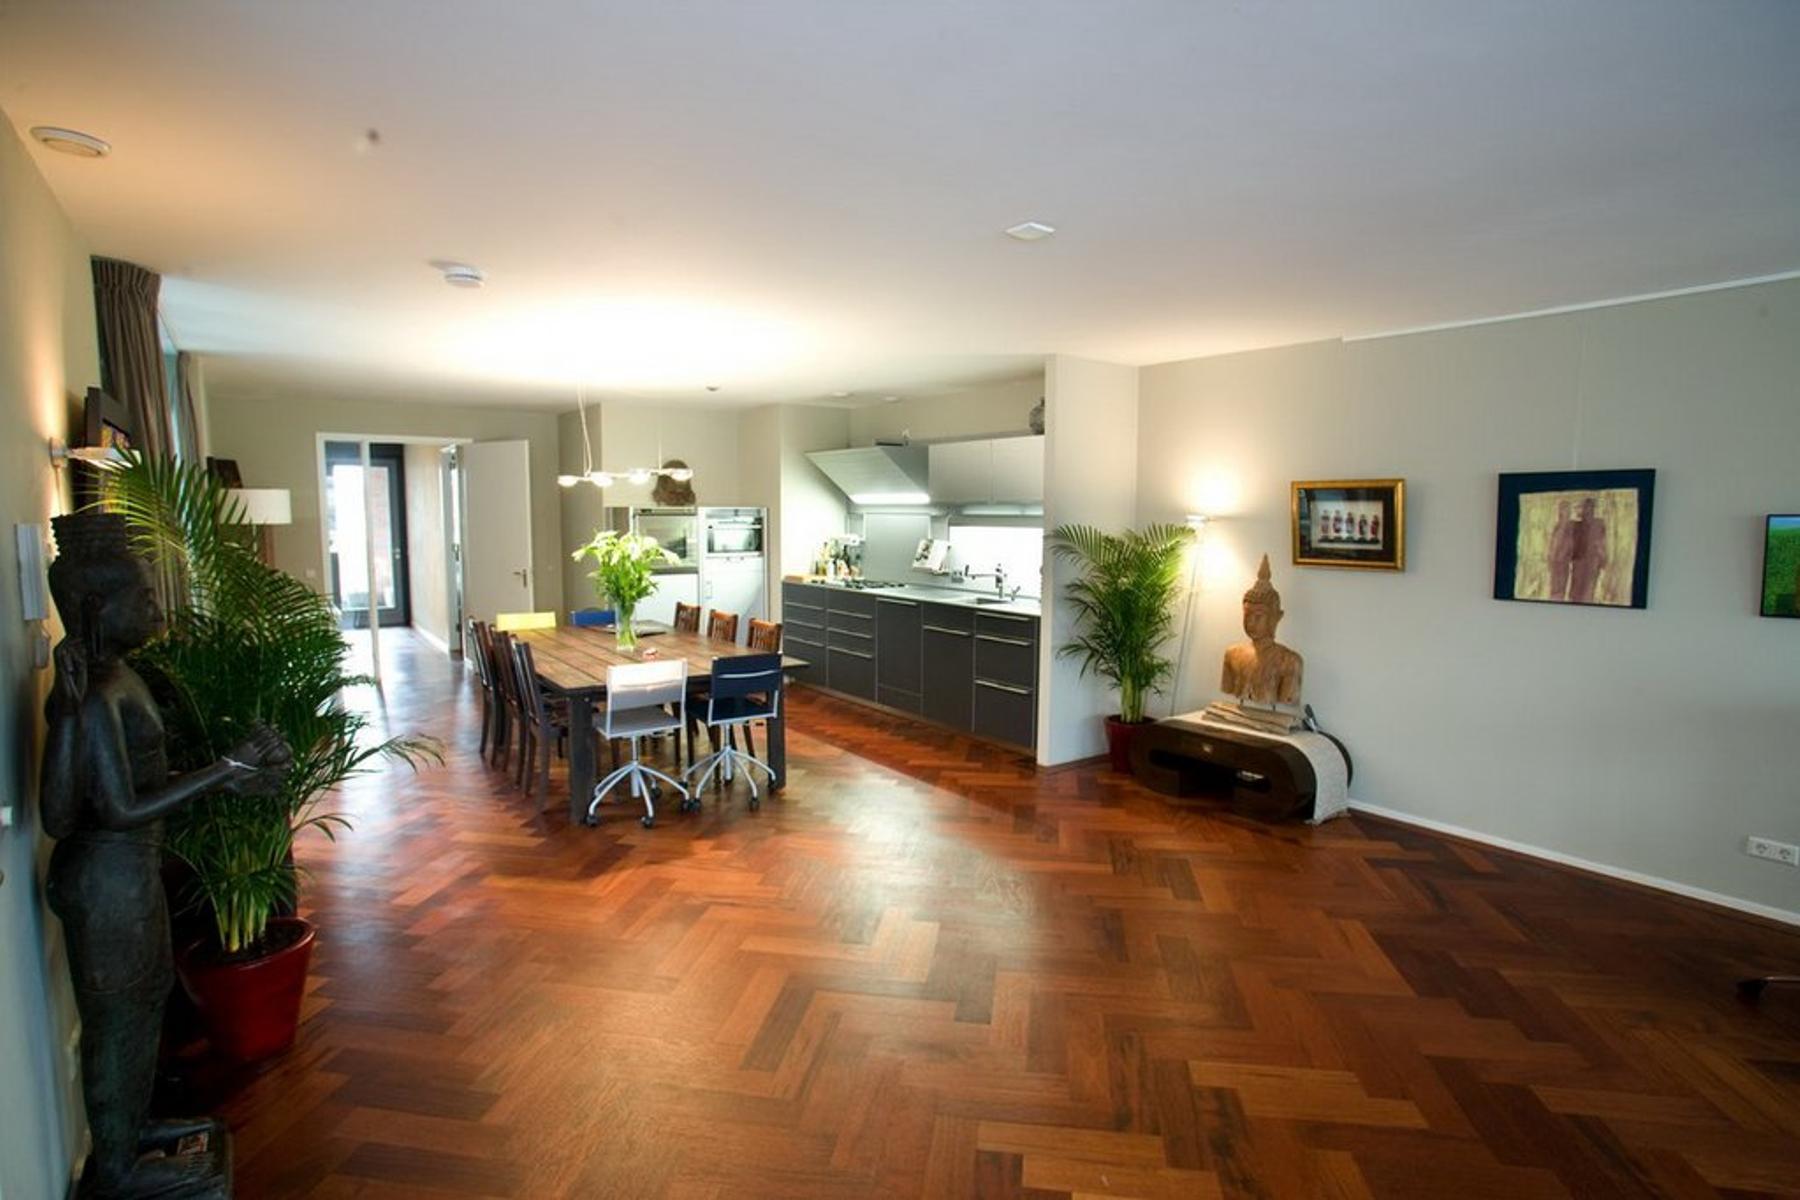 Oostergrachtswal 49 D In Leeuwarden 8921 Ab Appartement Popma